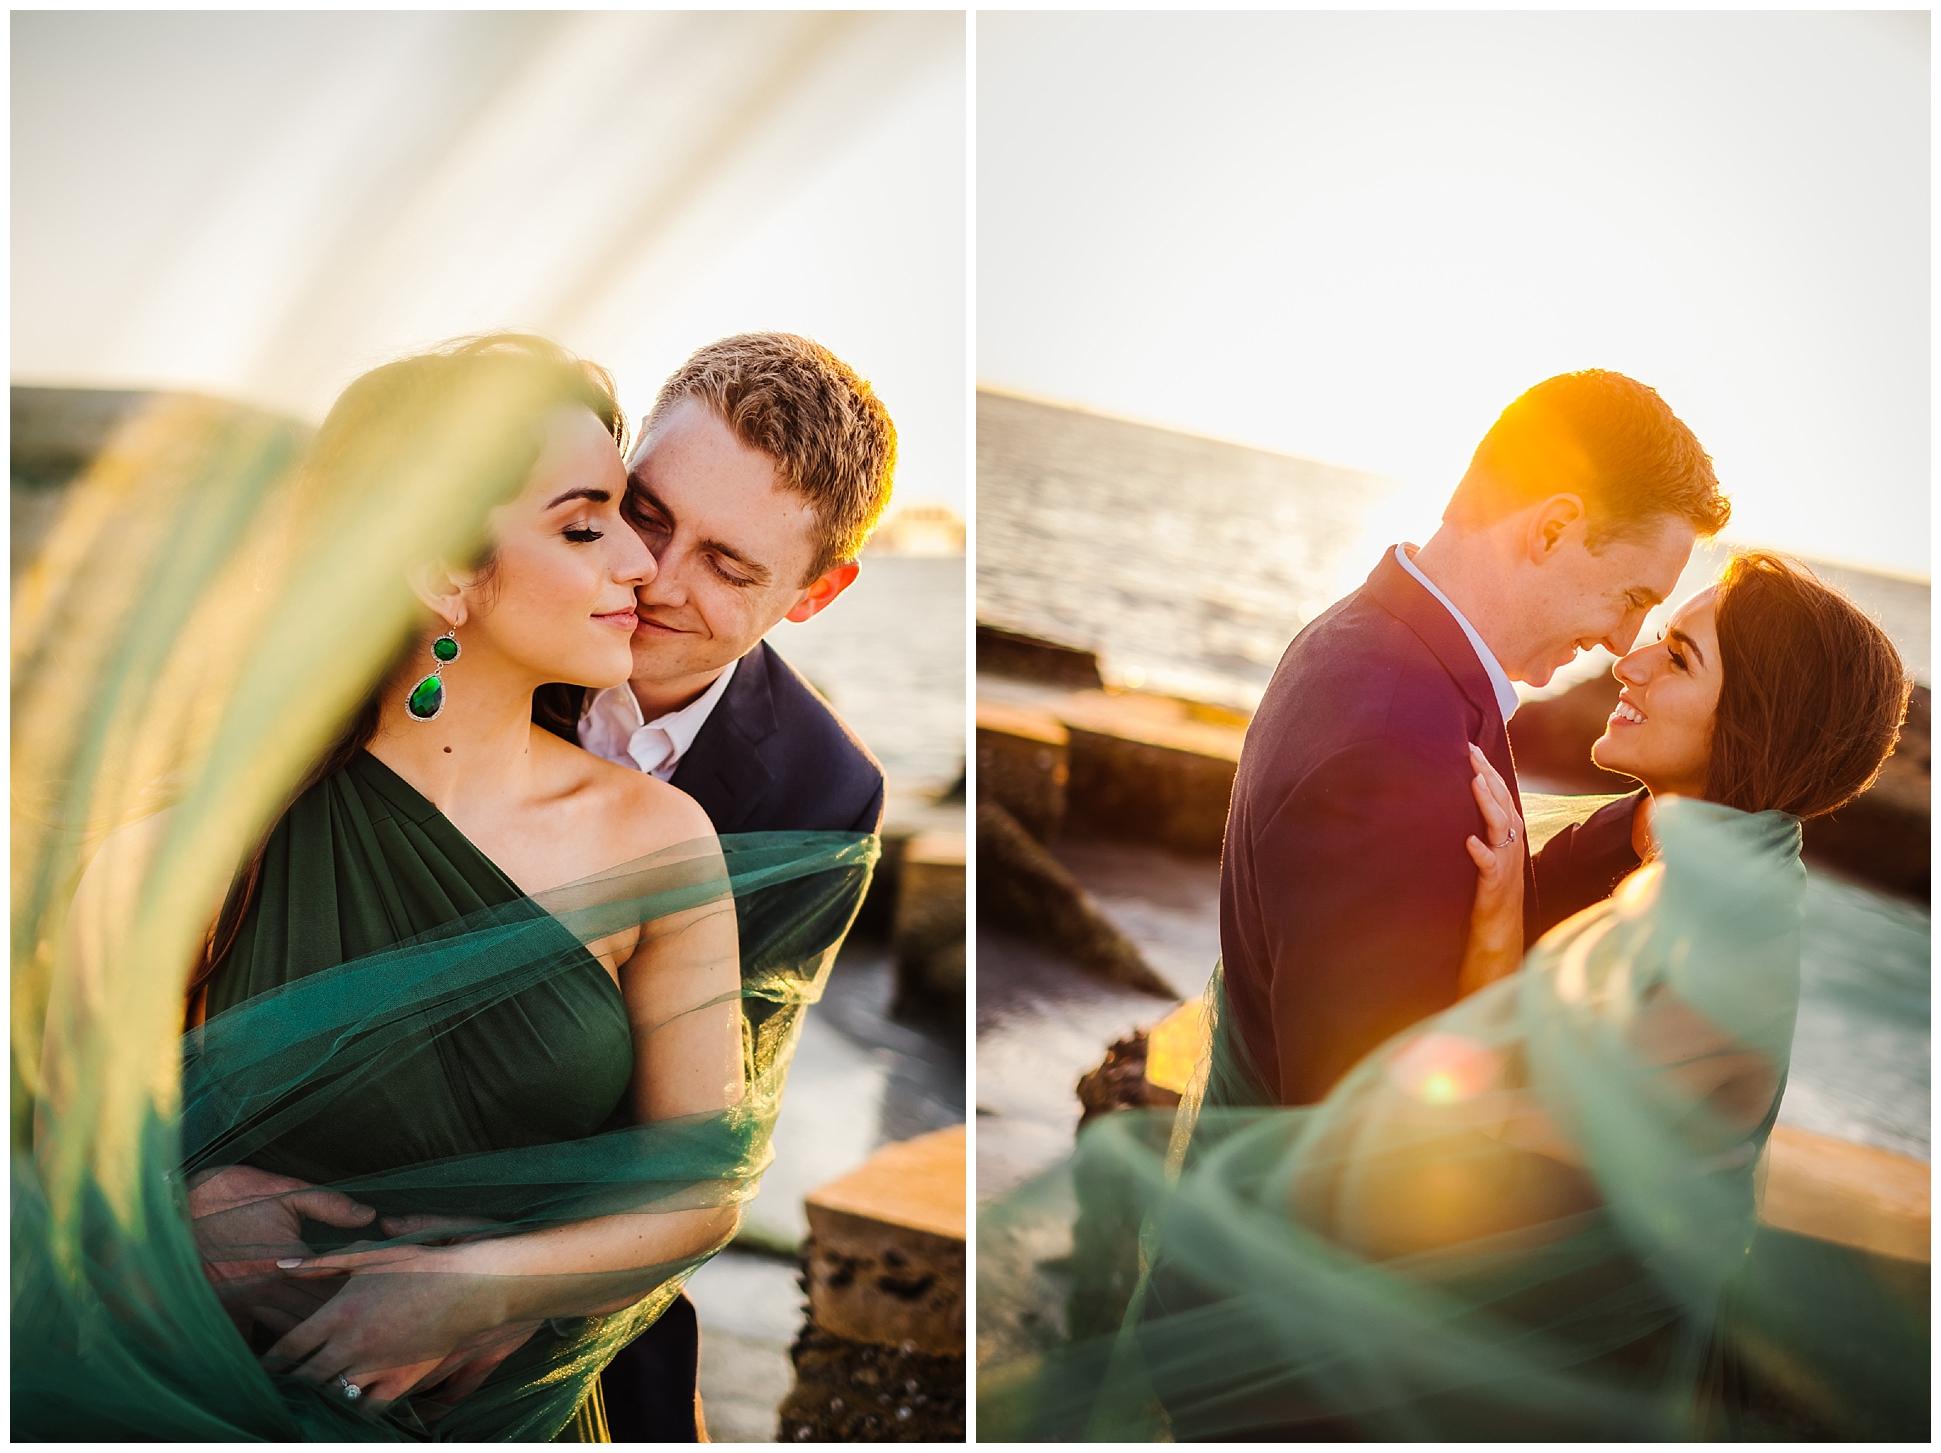 tampa-fort de soto-beach-green dress-water-love-engagement_0044.jpg